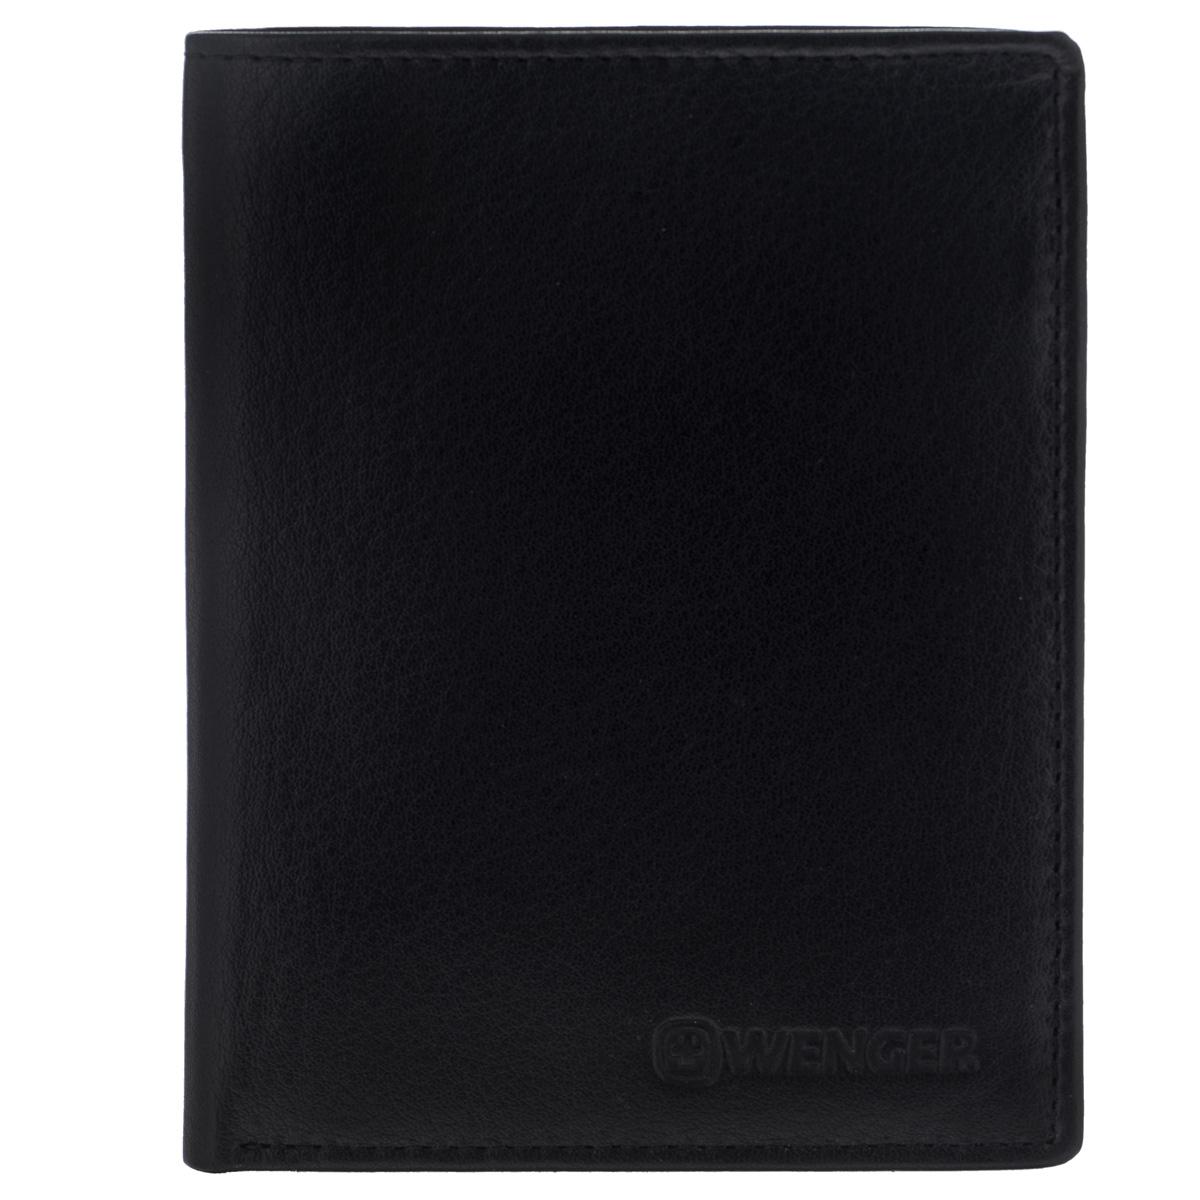 Портмоне мужское Wenger, цвет: черный. W2-031-022_516Лаконичное мужское портмоне Wenger изготовлено из натуральной кожи и оформлено тиснениями в виде названия и логотипа бренда на лицевой стороне. Внутри - два отделения для купюр, отсек для мелочи на замке-кнопке, три боковых кармана и три прорези для визиток и банковских карт. Изюминка модели - откидной блок, который содержит боковой карман, три прорези и сетчатый карман.Изделие упаковано в фирменную коробку.Модное портмоне Wenger придется по душе истинному ценителю прекрасного.По всем вопросам гарантийного и постгарантийного обслуживания рюкзаков, чемоданов, спортивных и кожаных сумок, а также портмоне марок Wenger и SwissGear вы можете обратиться в сервис-центр, расположенный по адресу: г. Москва, Саввинская набережная, д.3. Тел: (495) 788-39-96, (499) 248-56-56, ежедневно с 9:00 до 21:00. Подробные условия гарантийного обслуживания приведены в гарантийном талоне, поставляемым в комплекте с каждым изделием. Бесплатный ремонт изделий производится при условии предоставления гарантийного талона и товарного/кассового чека, подтверждающего дату покупки.